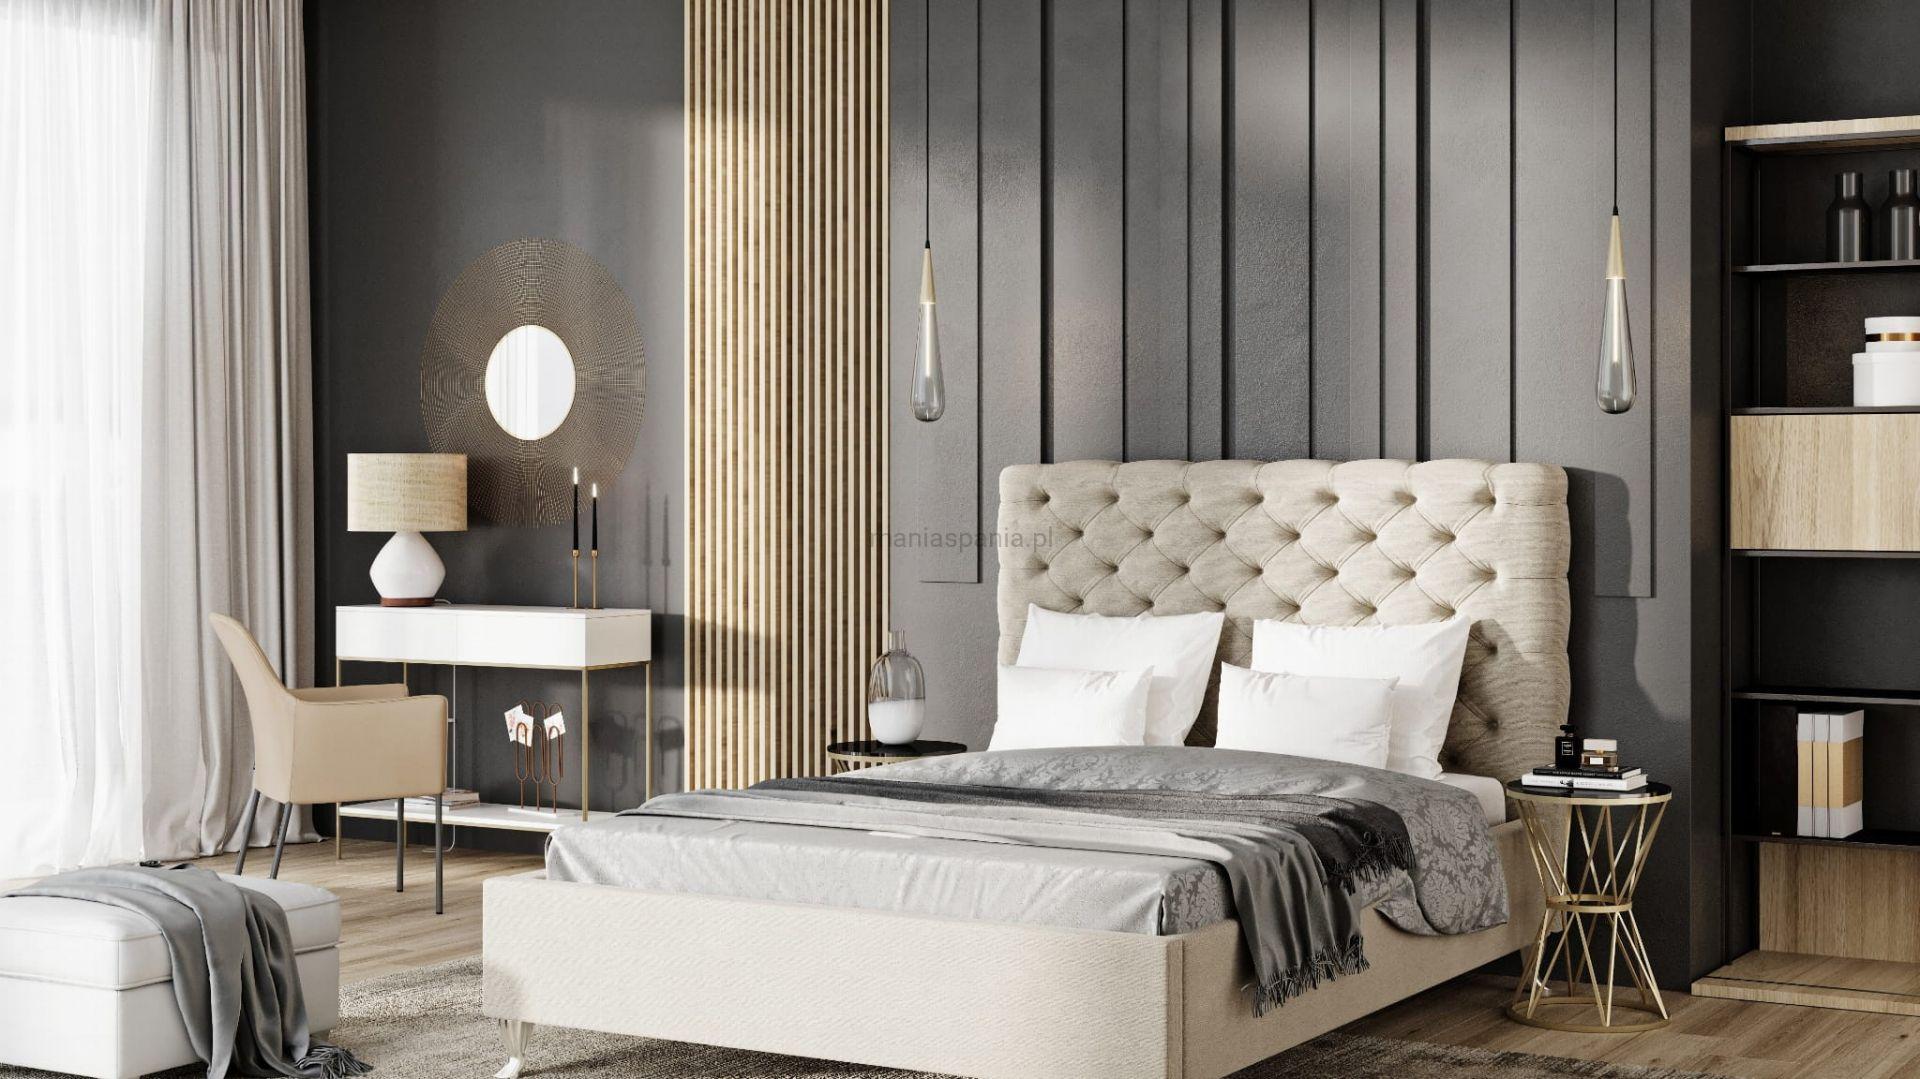 Sypialnia w stylu glamour. Fot. Sklep Mania Spania